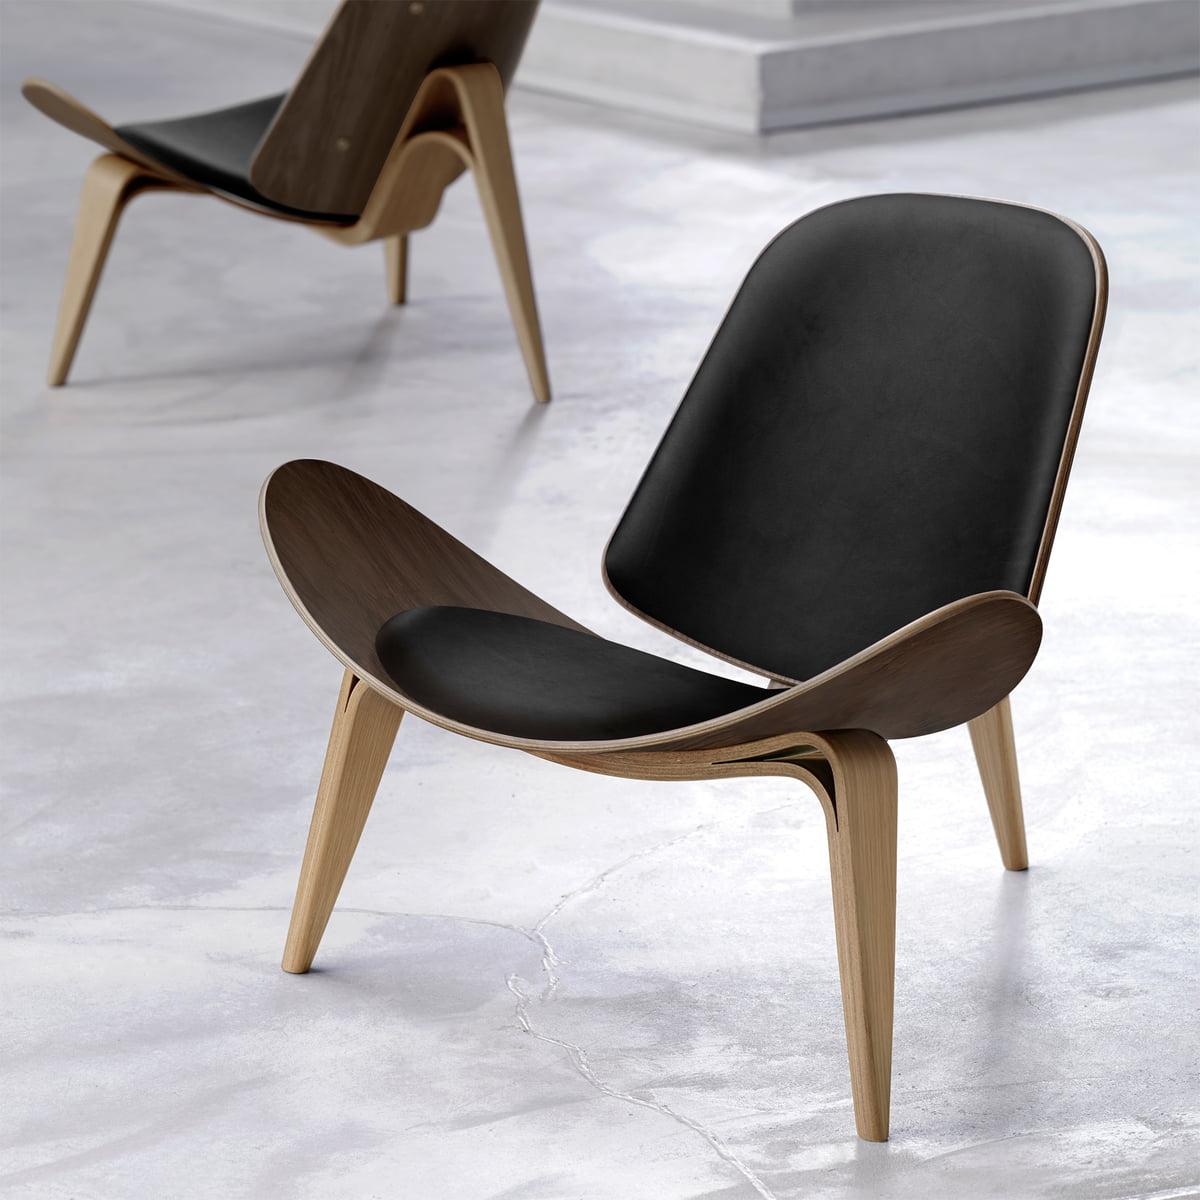 The ch07 shell chair by carl hansen for Schalenstuhl outdoor